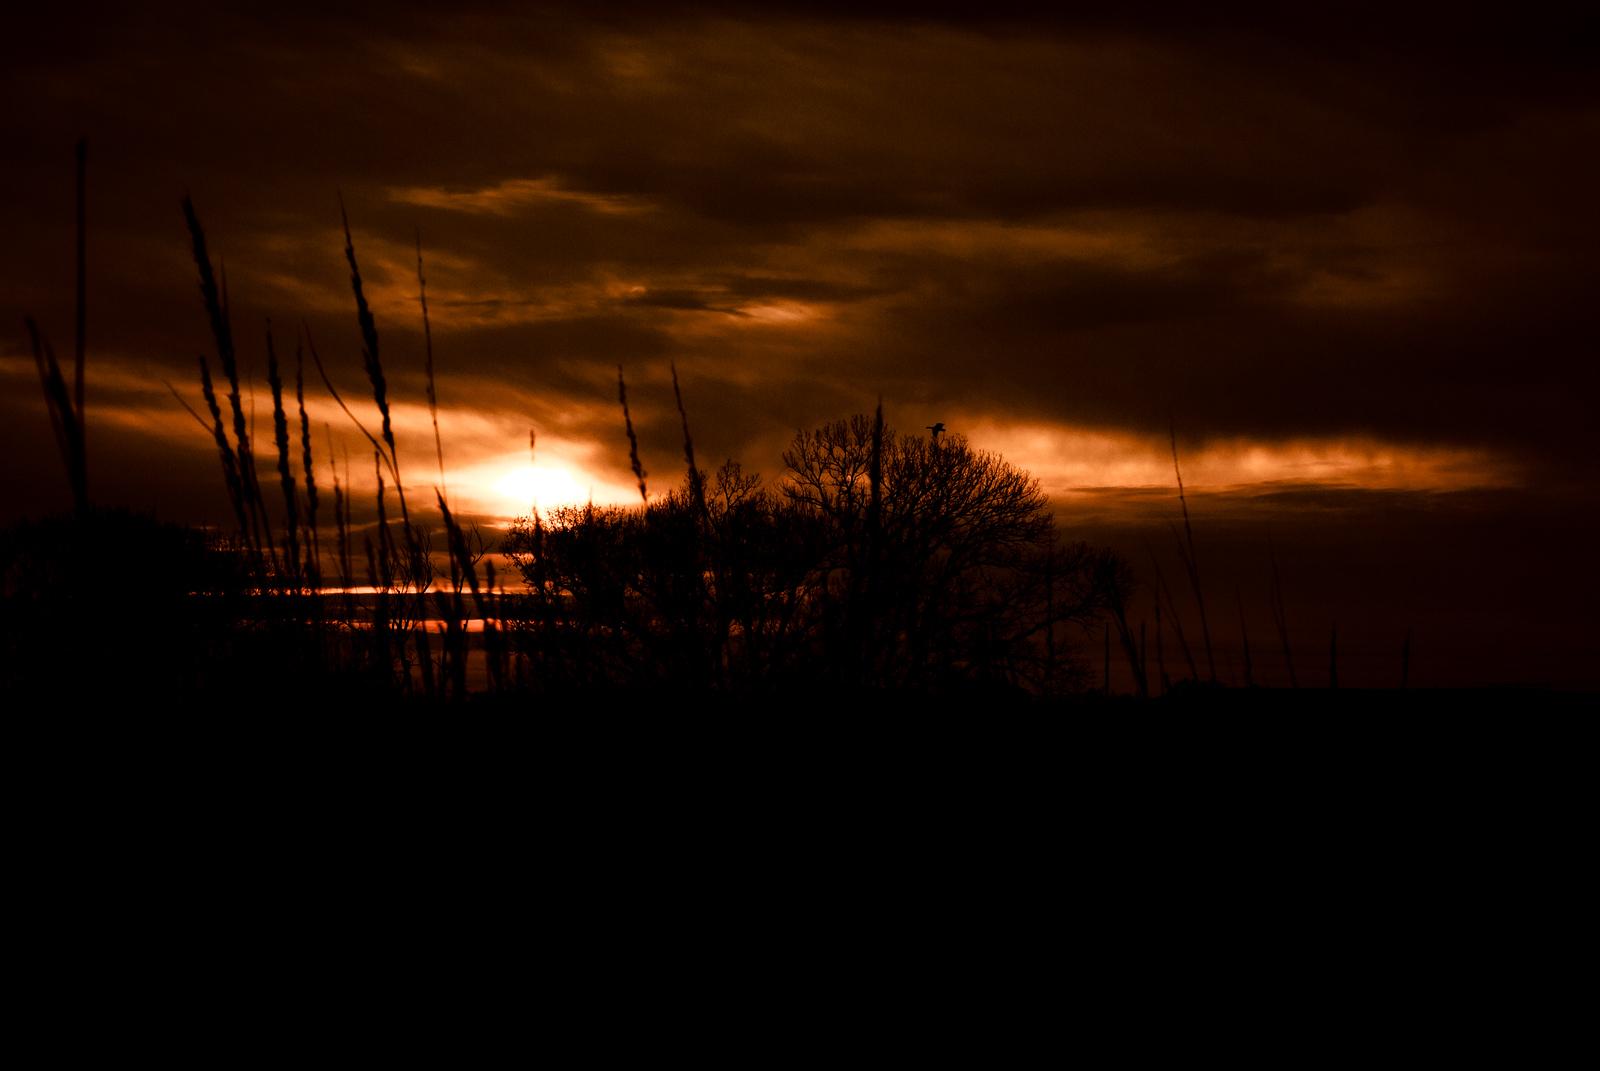 October 29, 2012 <br /> A slightly enhanced Nebraska sunset.